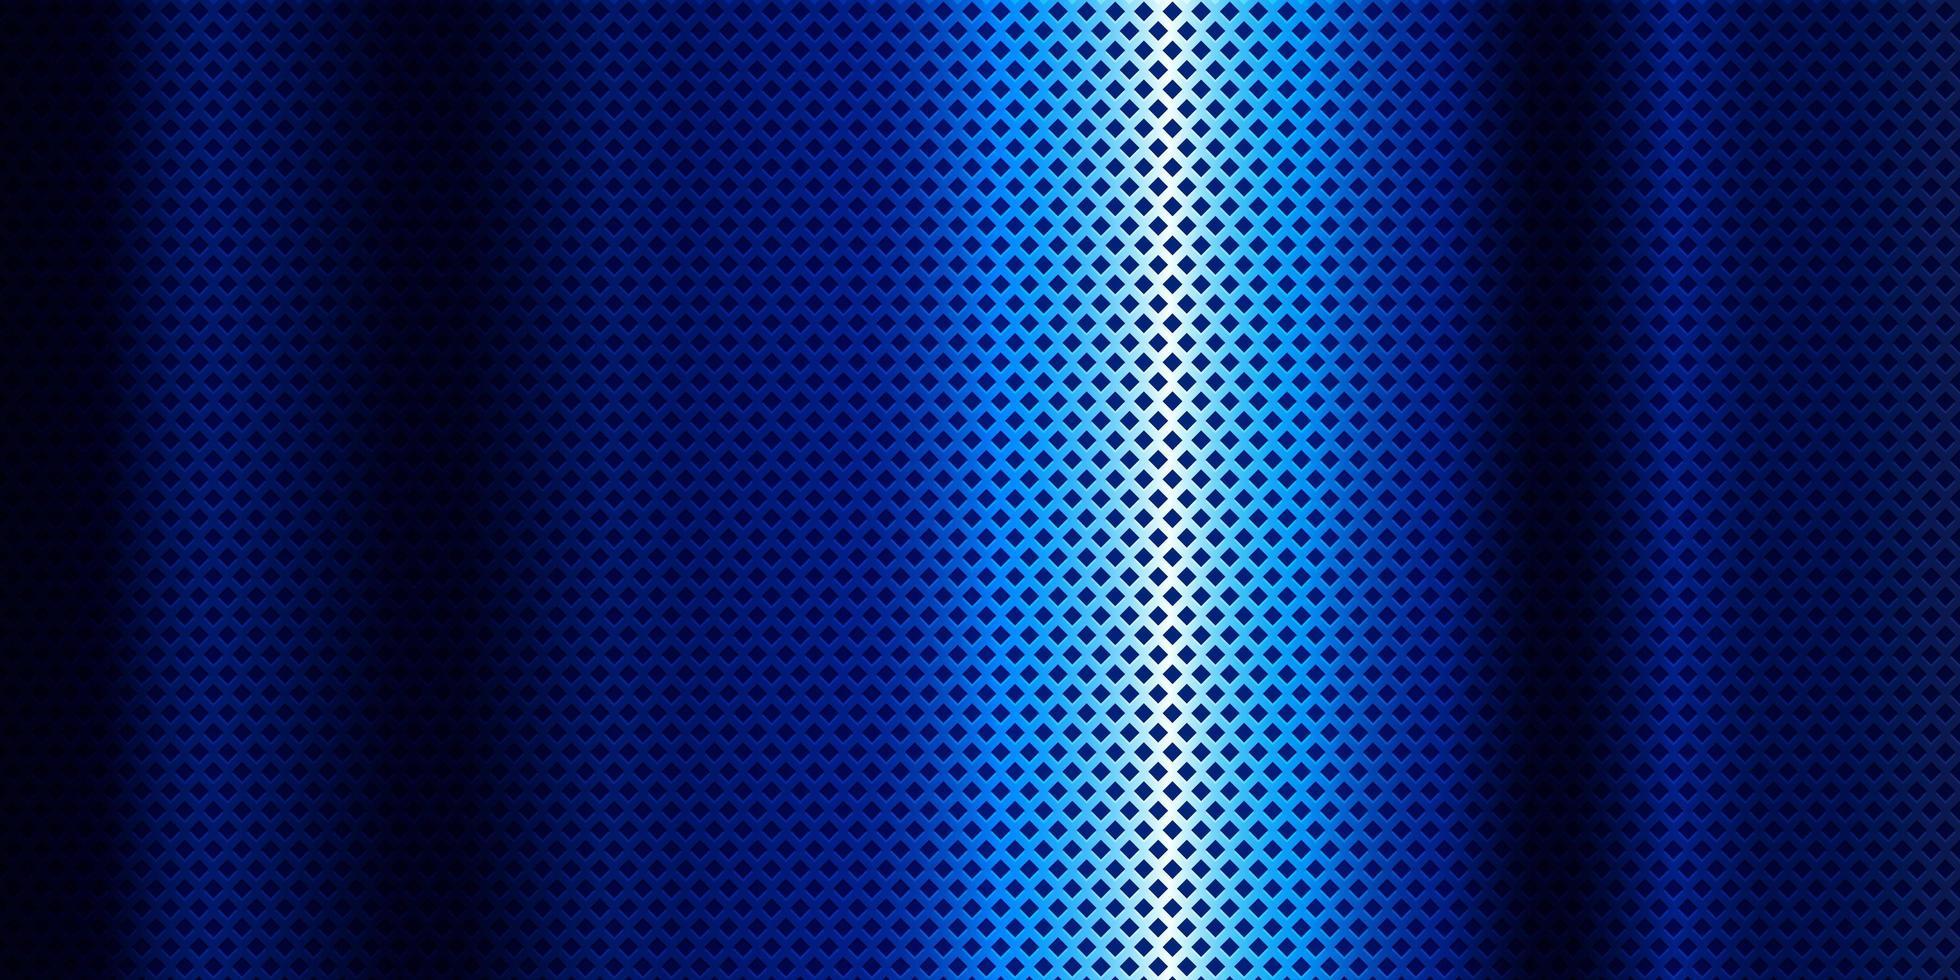 Estandarte azul metálico con diseño de diamante vector